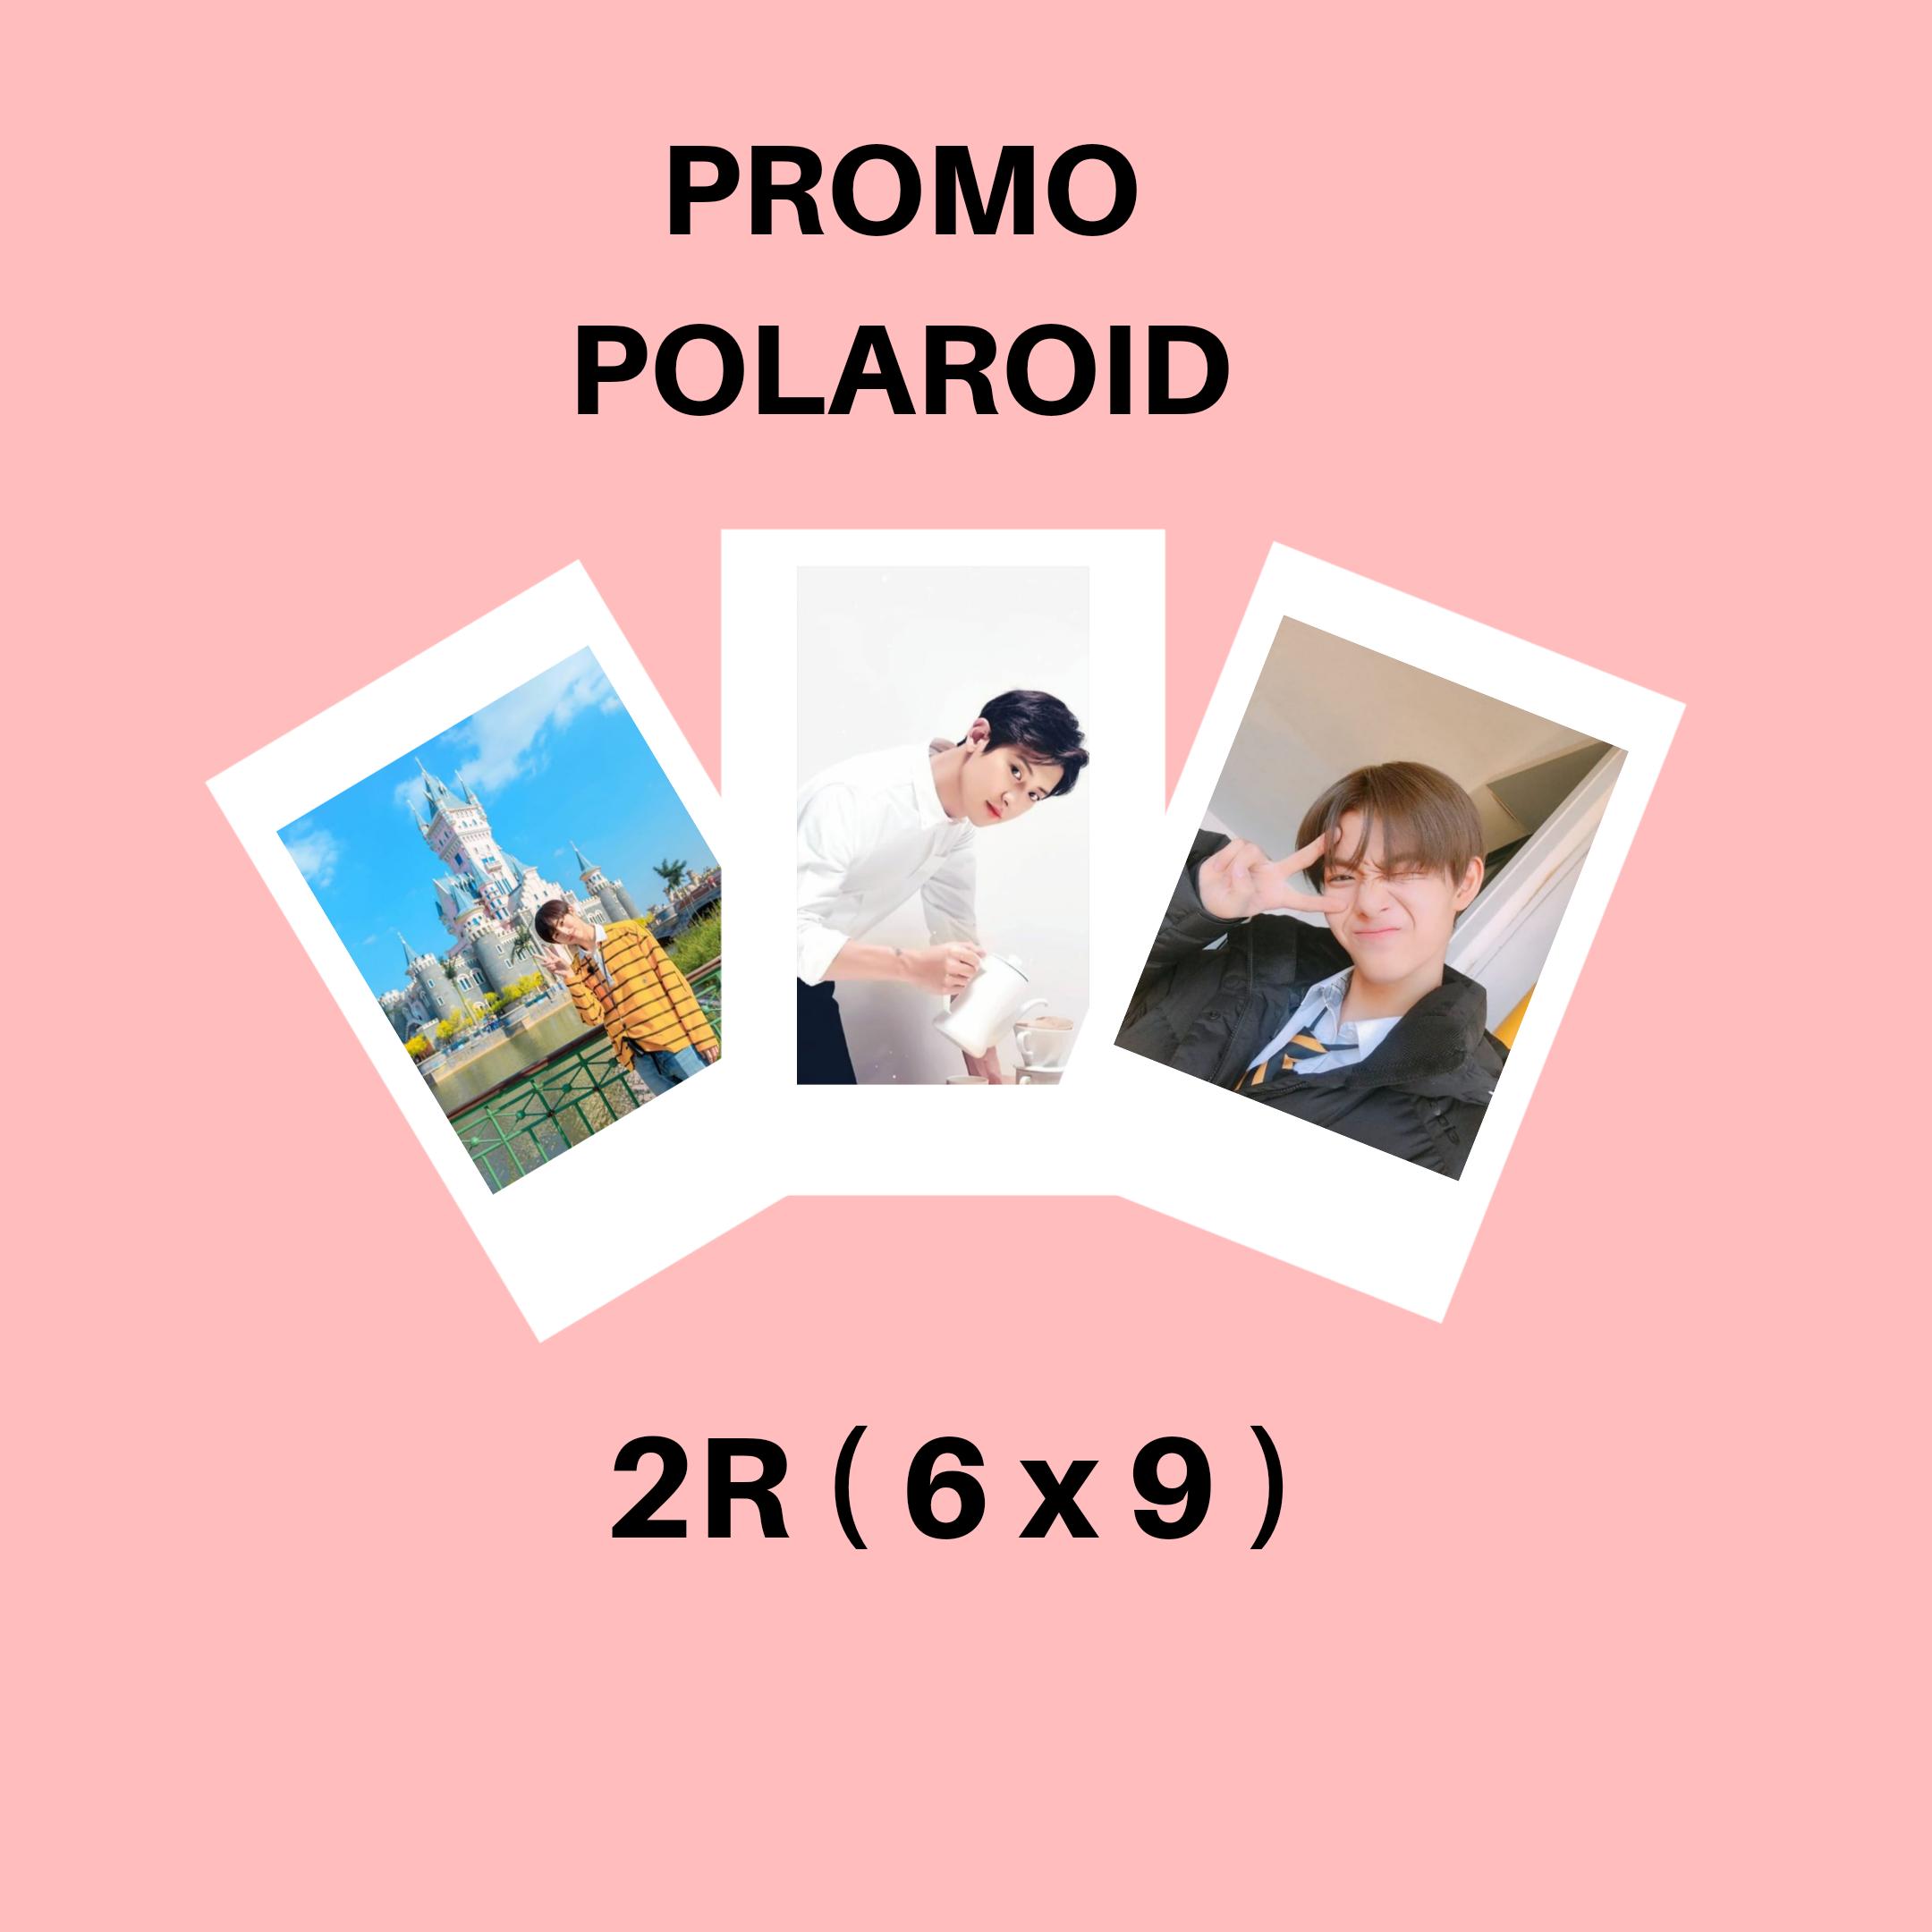 Polaroid Cetak Foto 2r 100 Foto Membeli Jualan Online Hiasan Dinding Dengan Harga Murah Lazada Indonesia